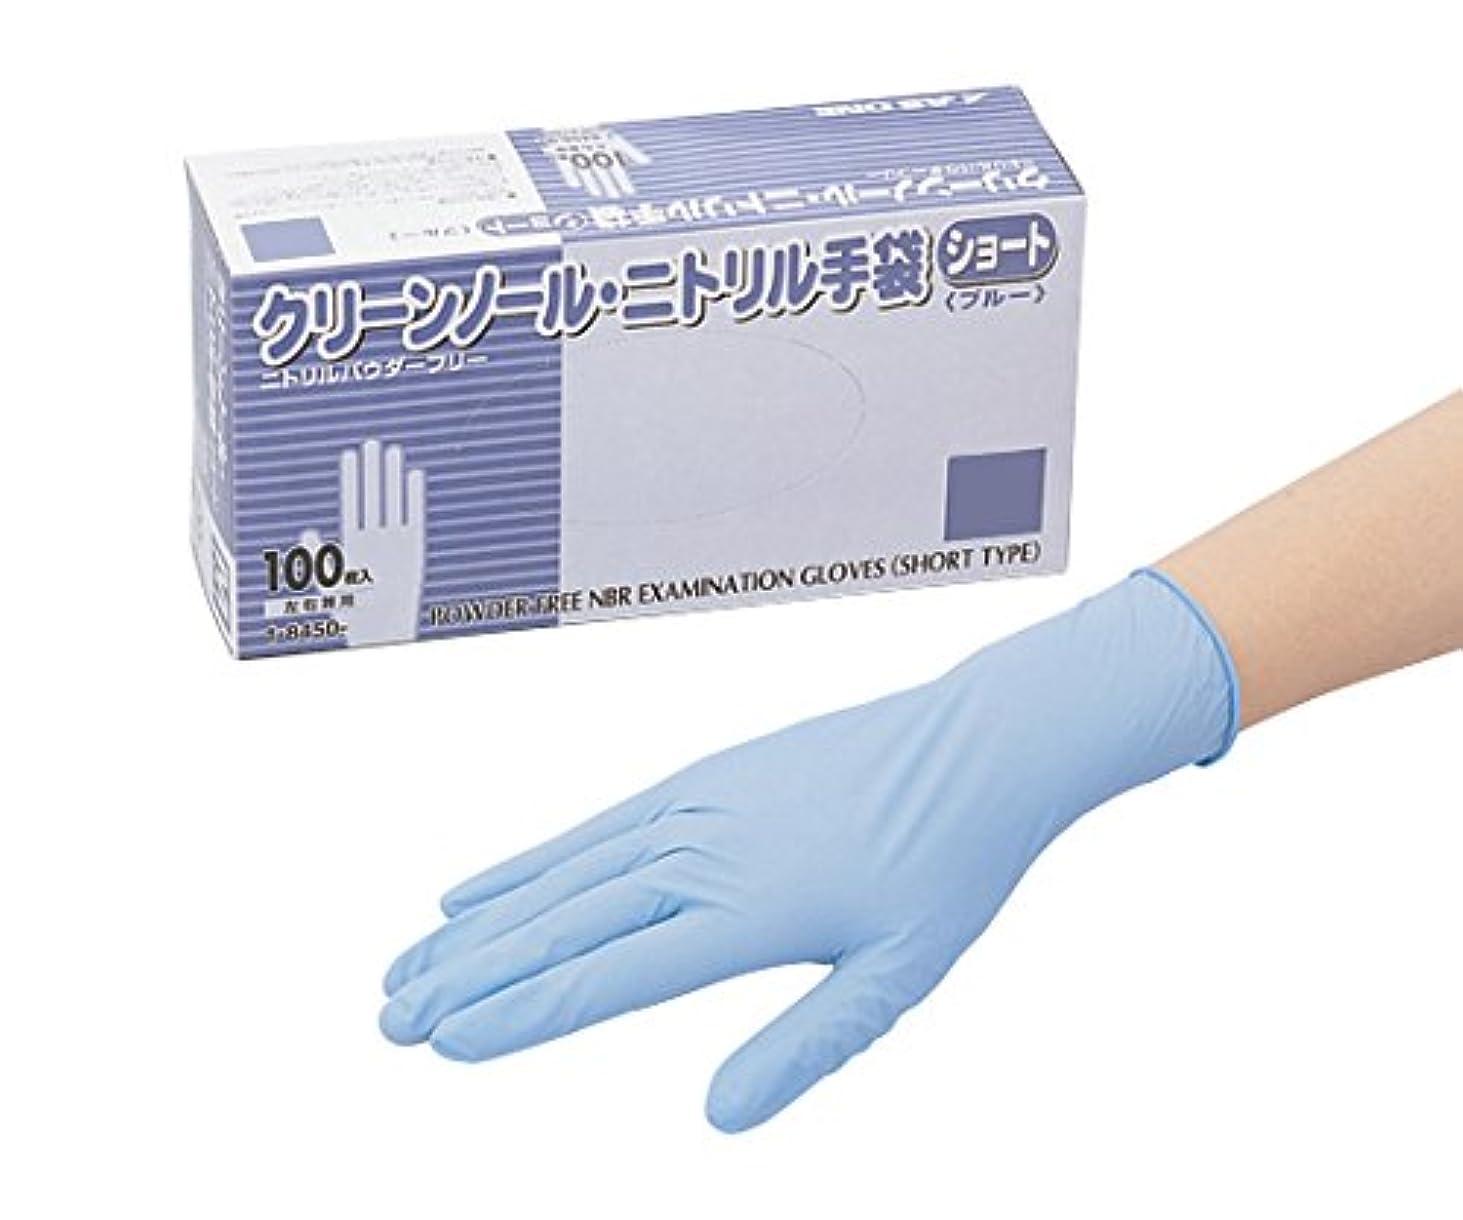 不利益日先例アズワン1-8450-21クリーンノールニトリル手袋ショート(パウダーフリ-)ブルーL100枚入